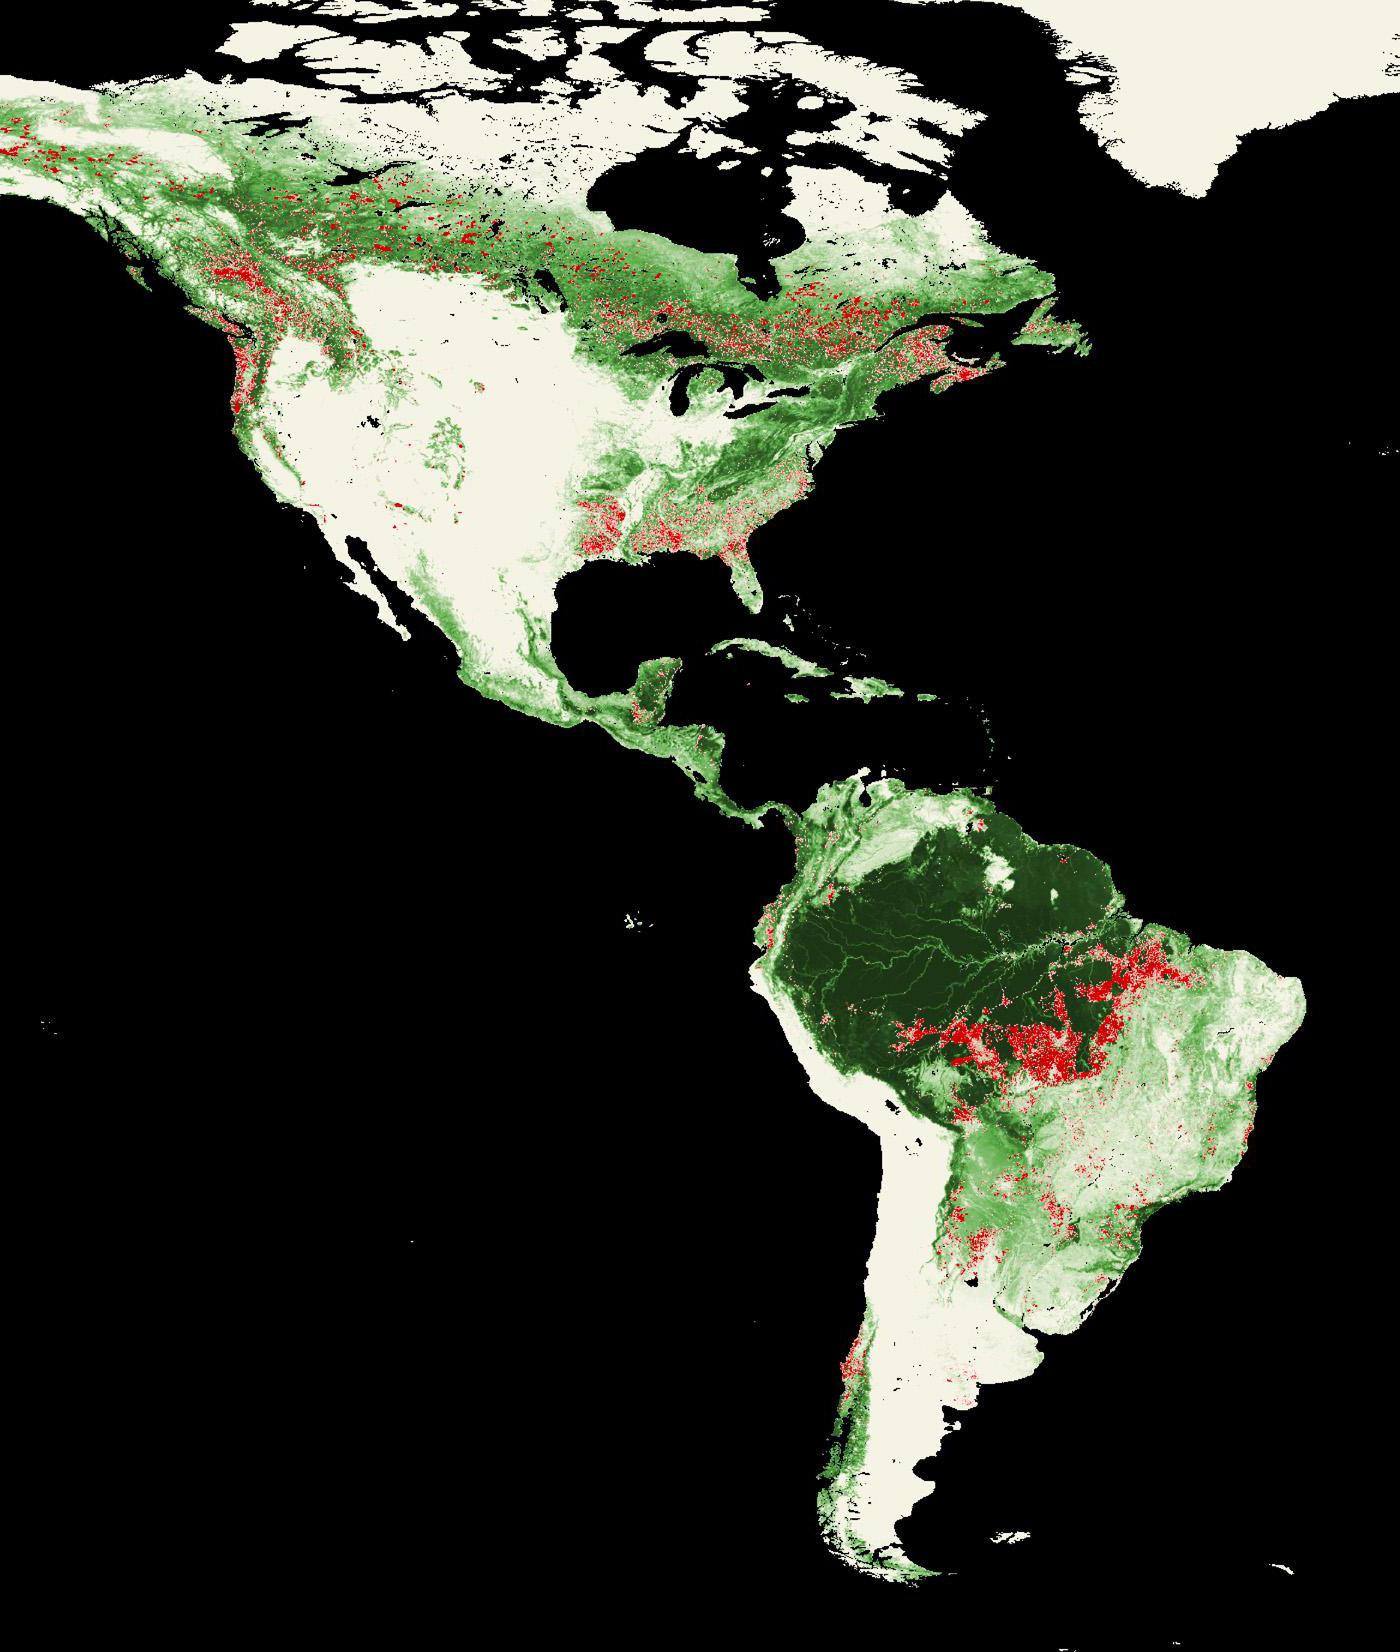 Landsat Top 10 International Deforestation Patterns in Tropical Rainforests  NASA